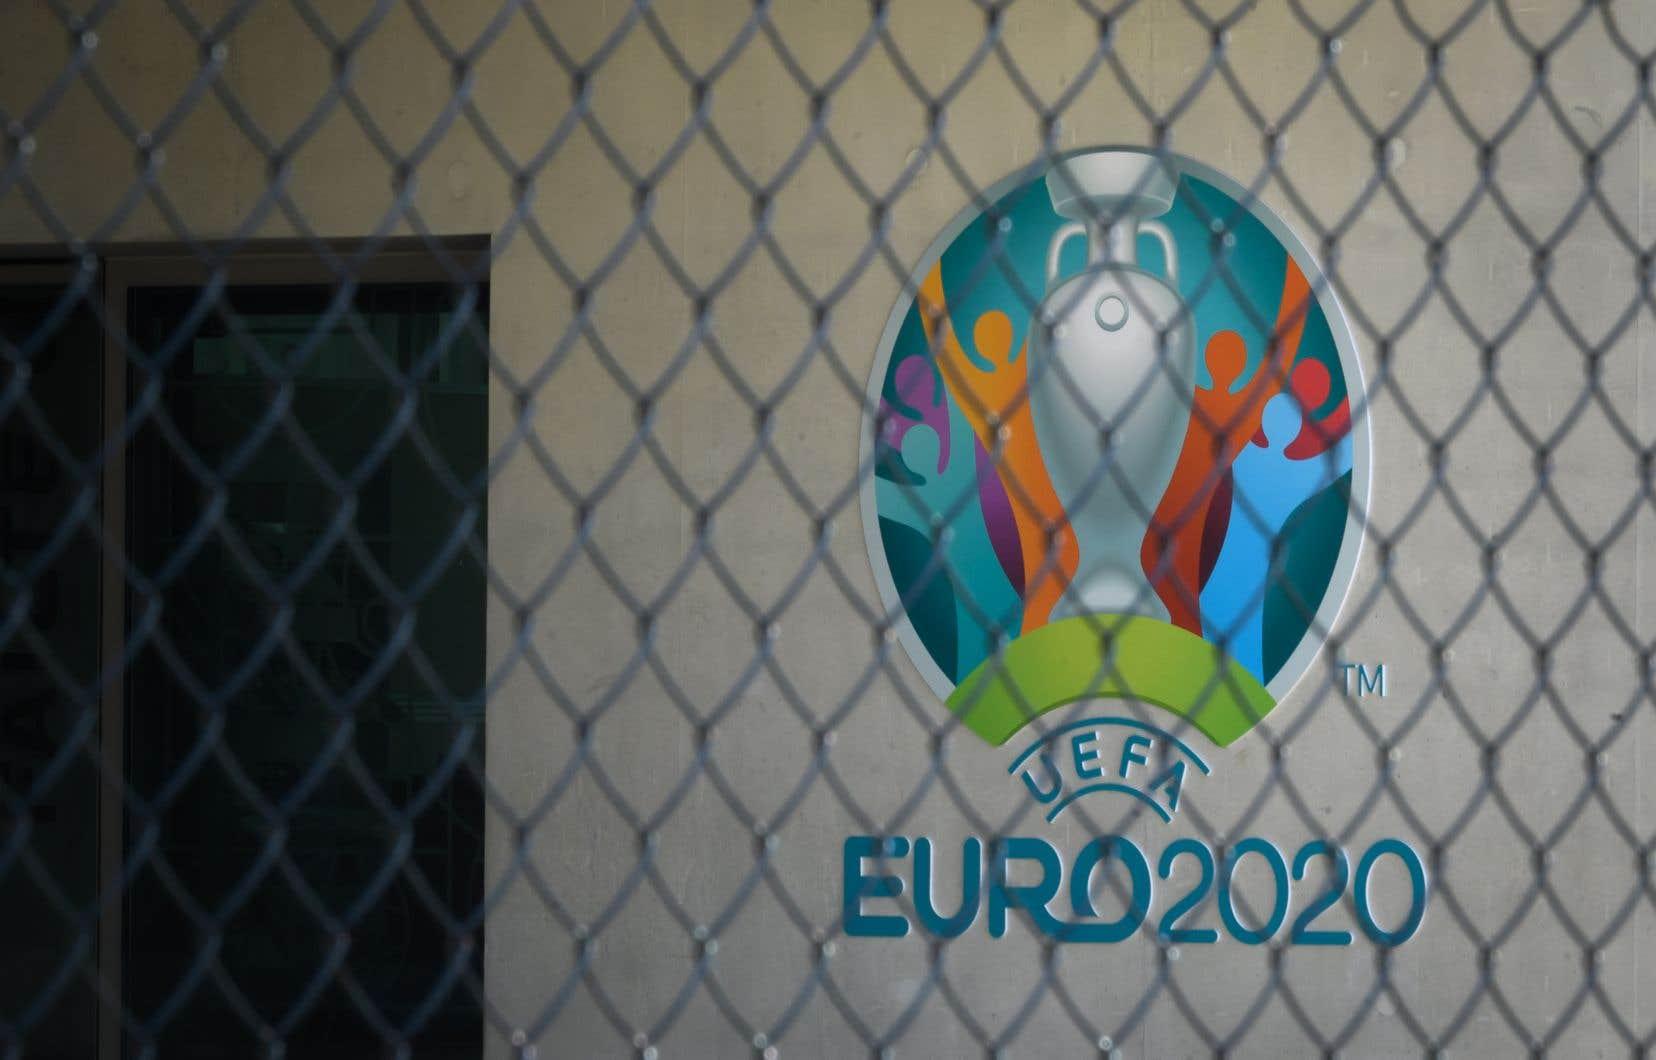 Le tournoi était prévu en juin, avec des matchs dans 12 villes de 12 pays d'Europe.